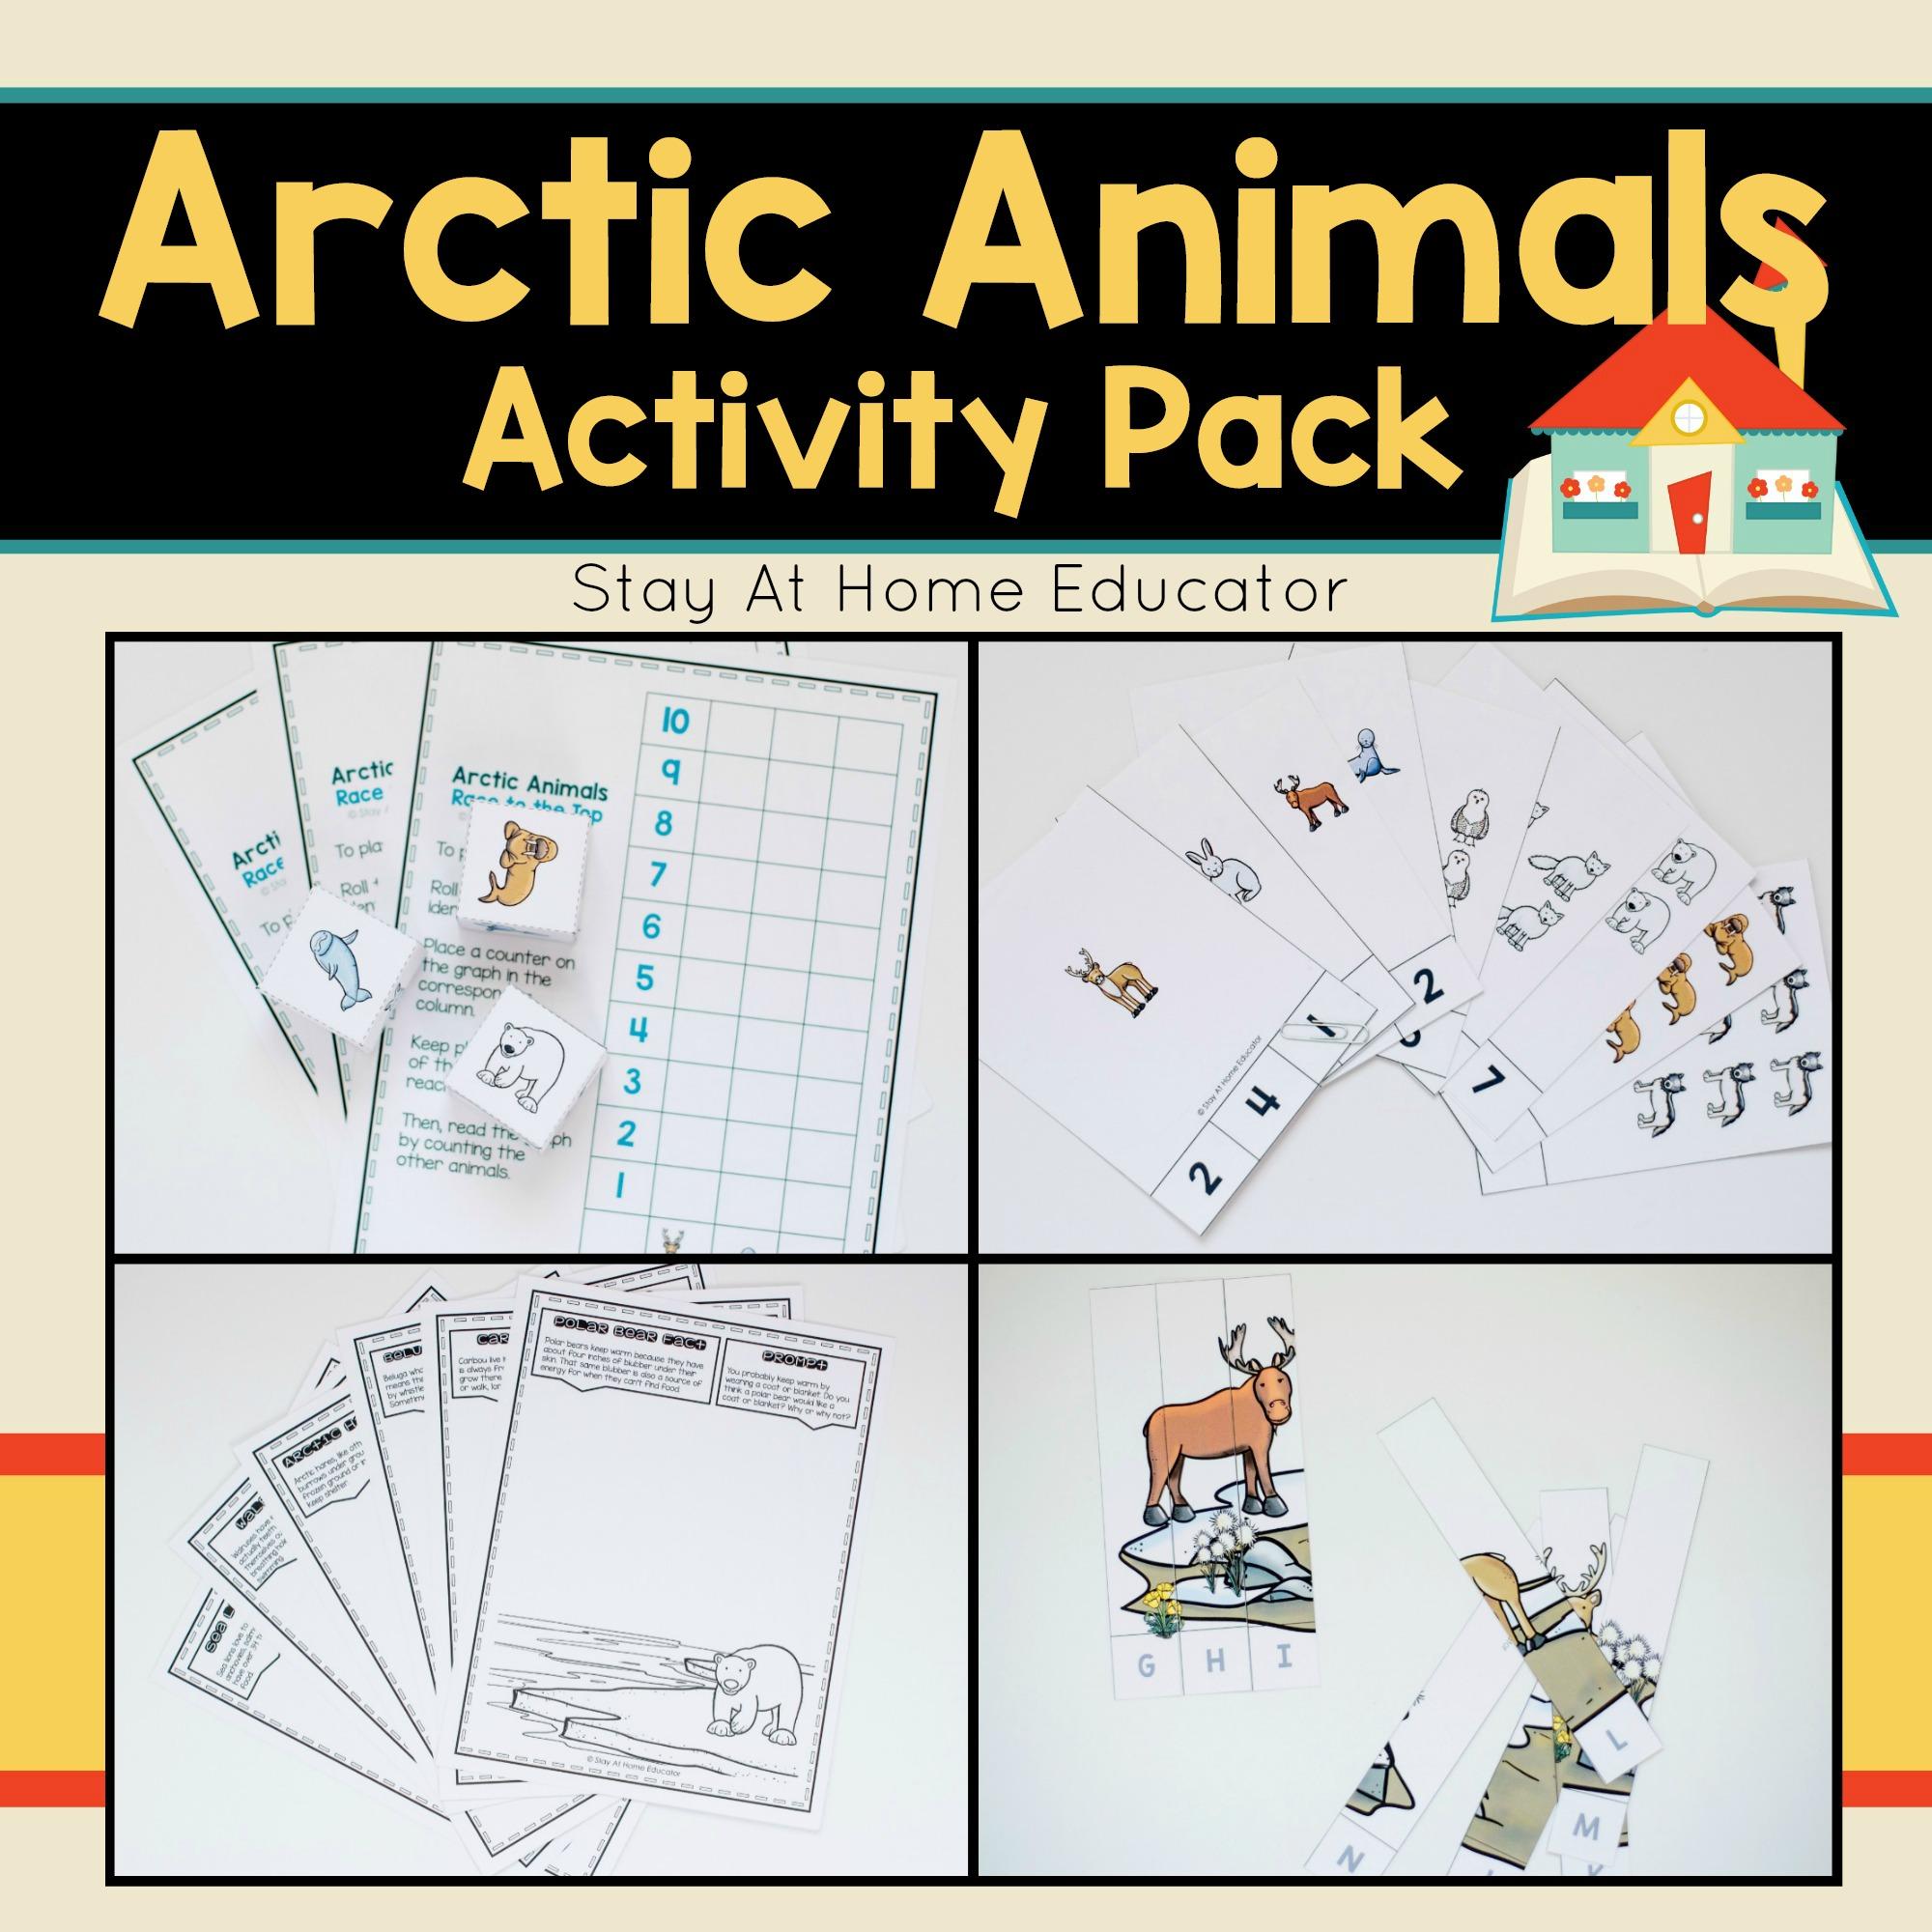 Arctic Animals Activity Pack For Preschoolers